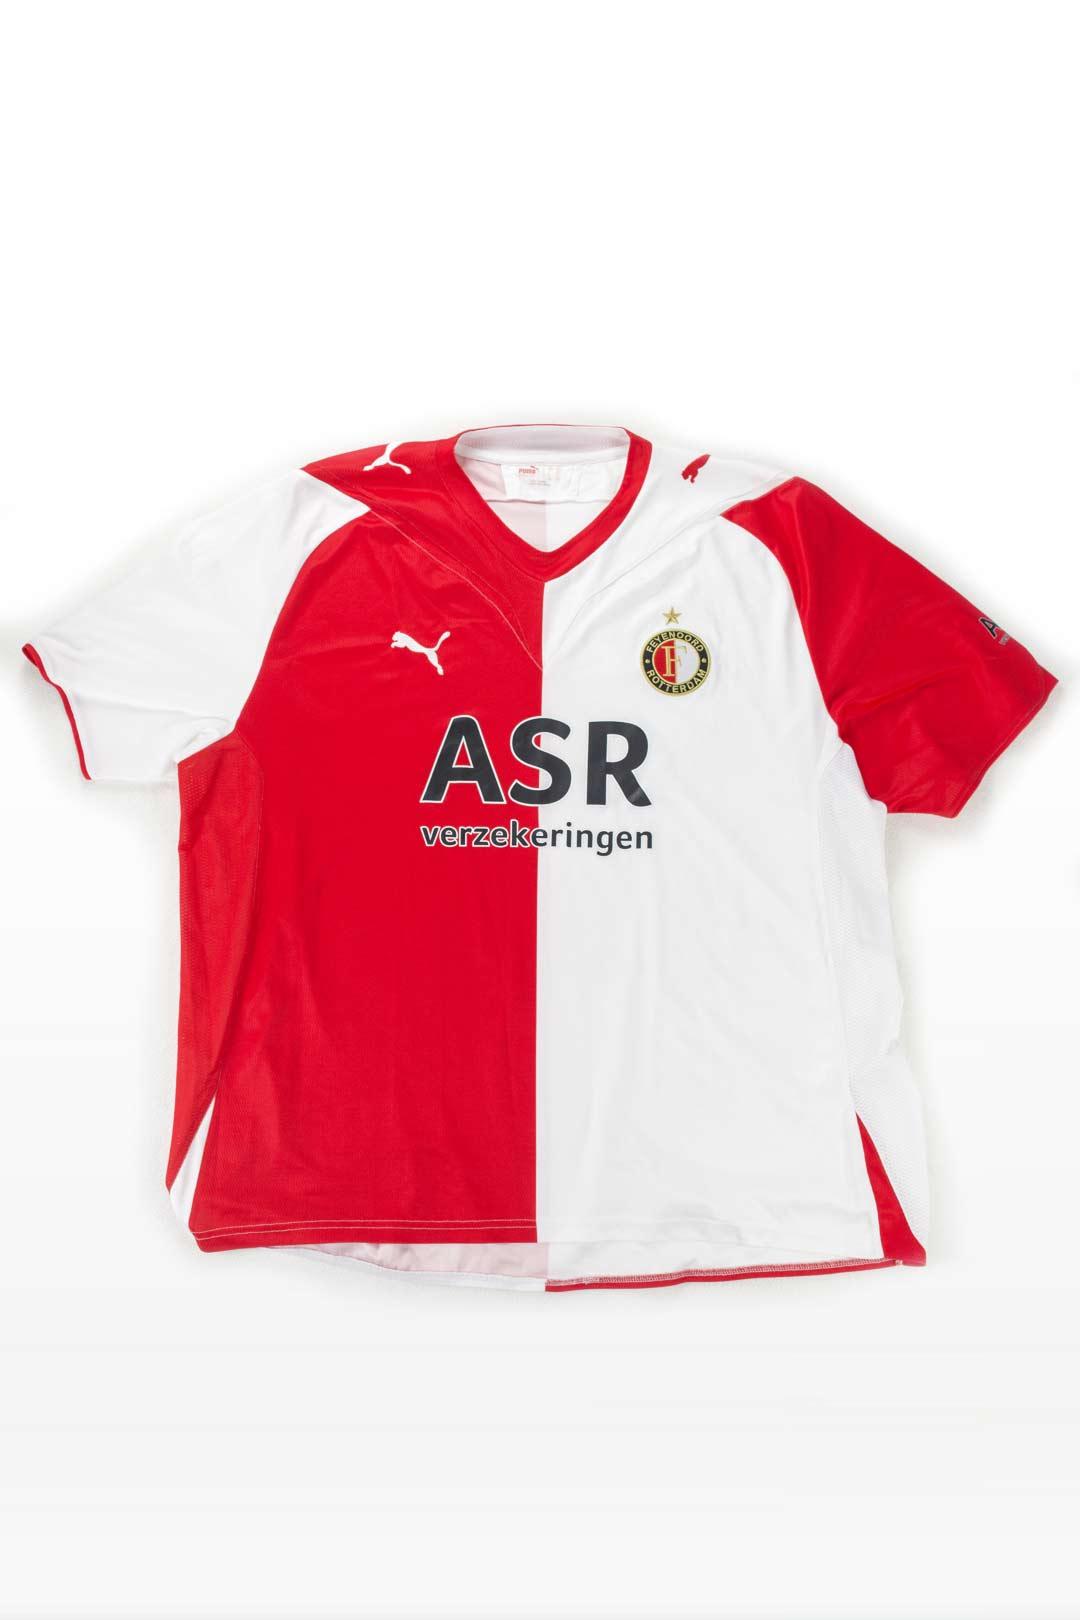 2009 - 2010, Feyenoord Thuisshirt